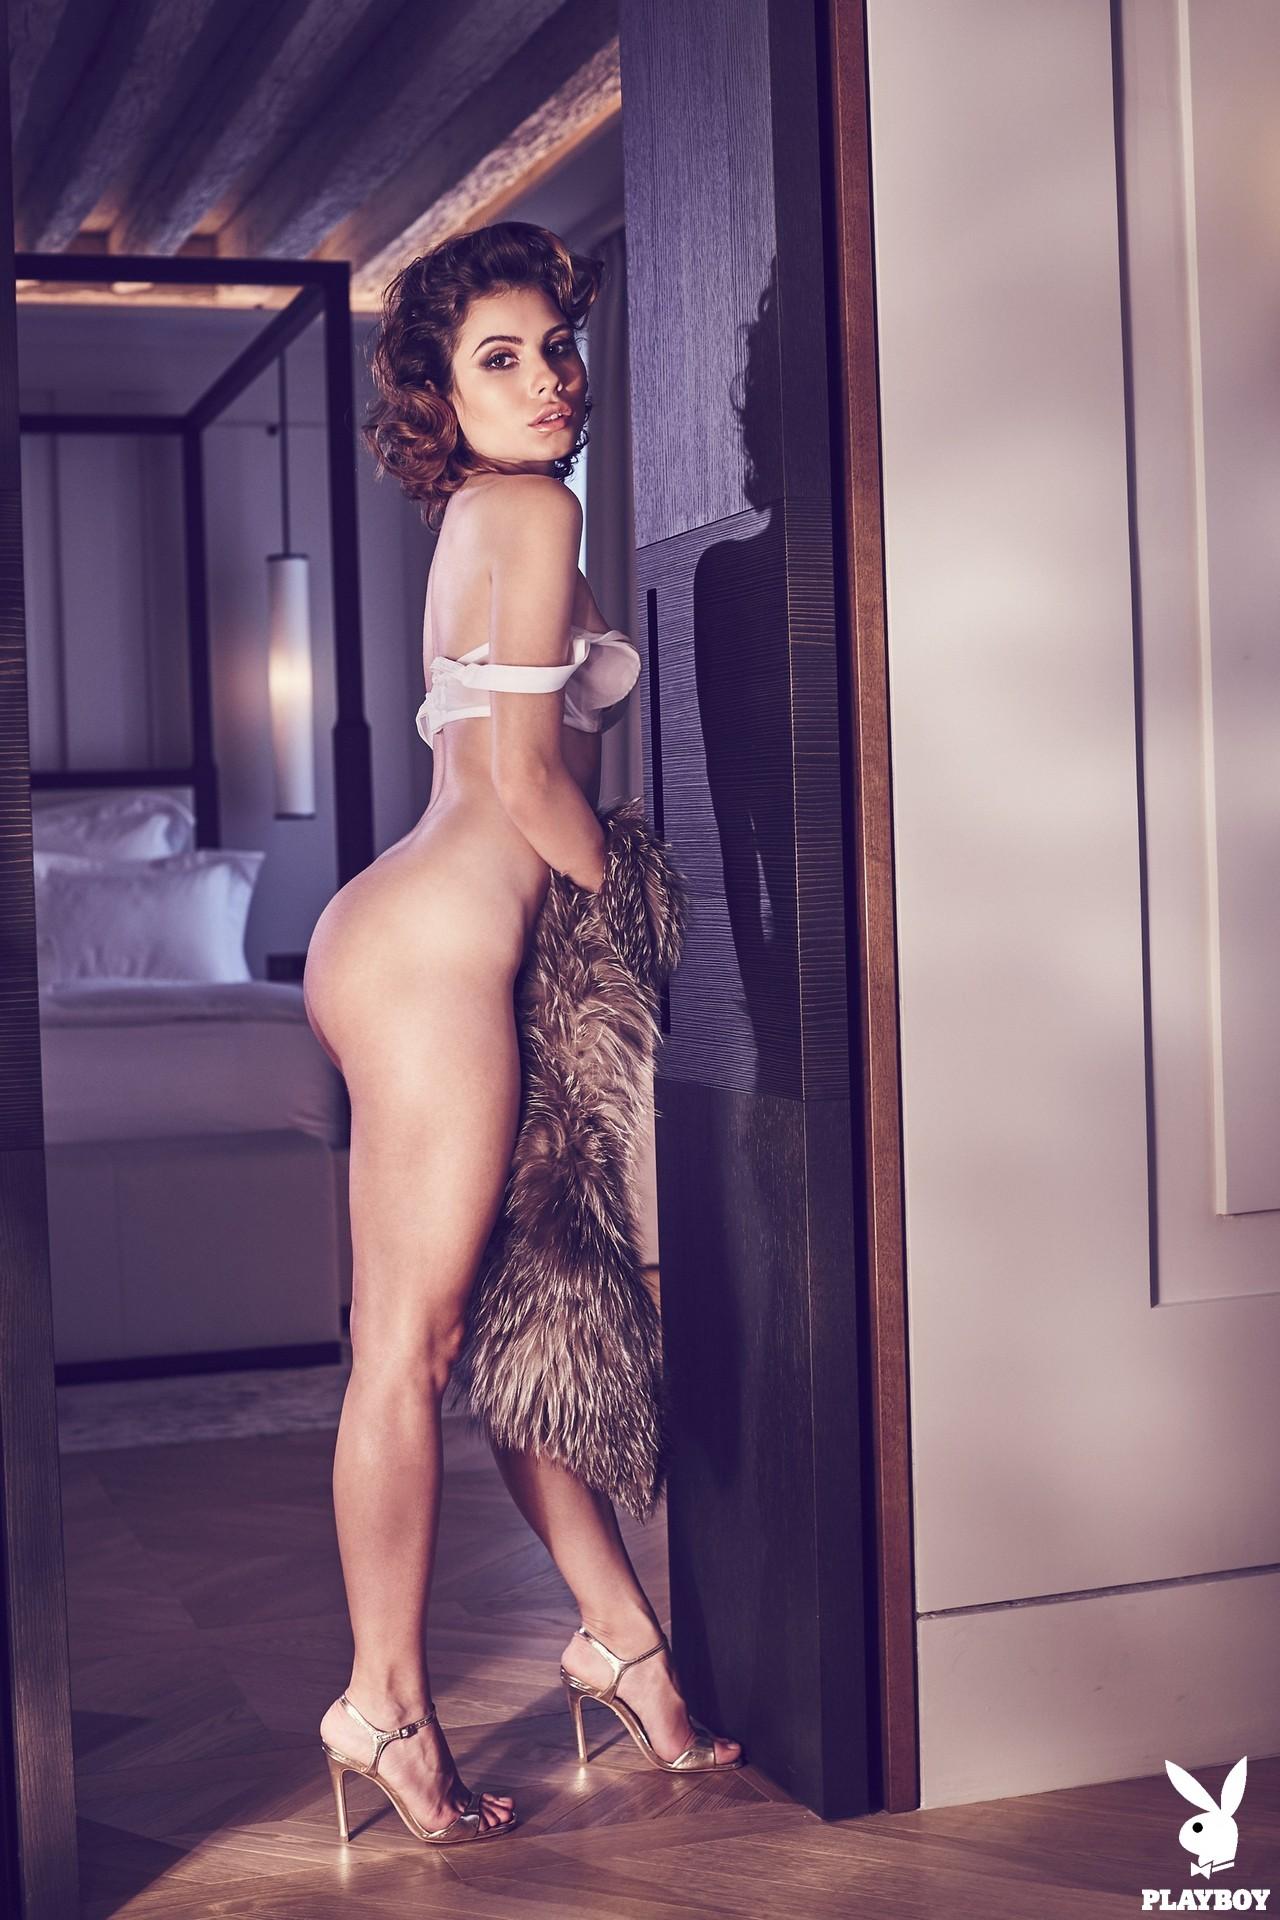 Chiara Arrighi in Playboy Germany Vol. 3 - Playboy Plus 10